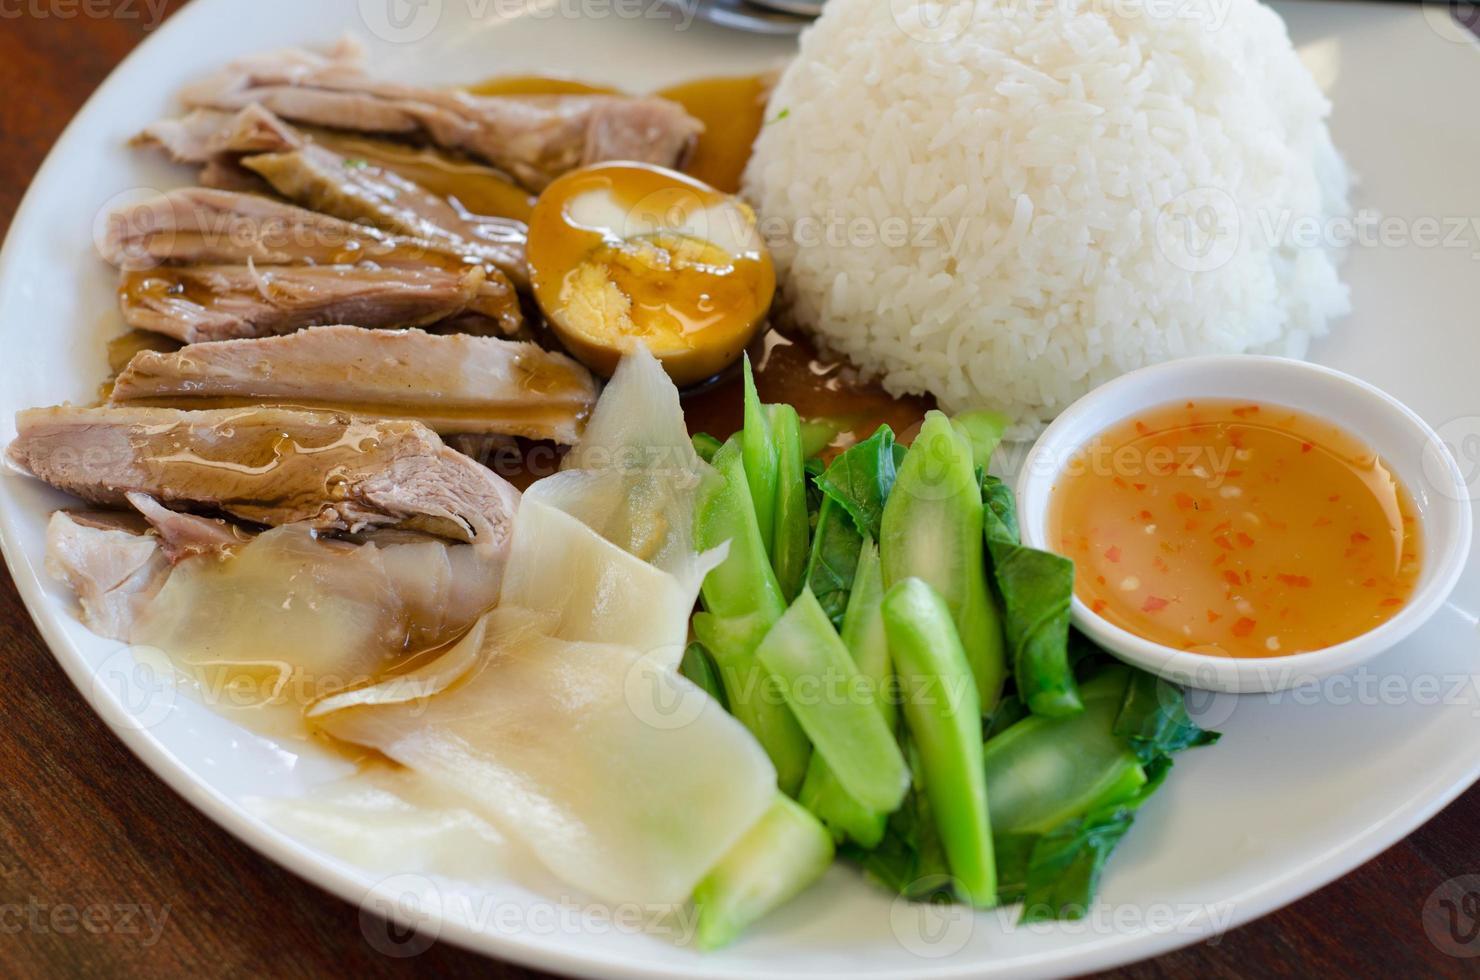 arroz com pato assado foto